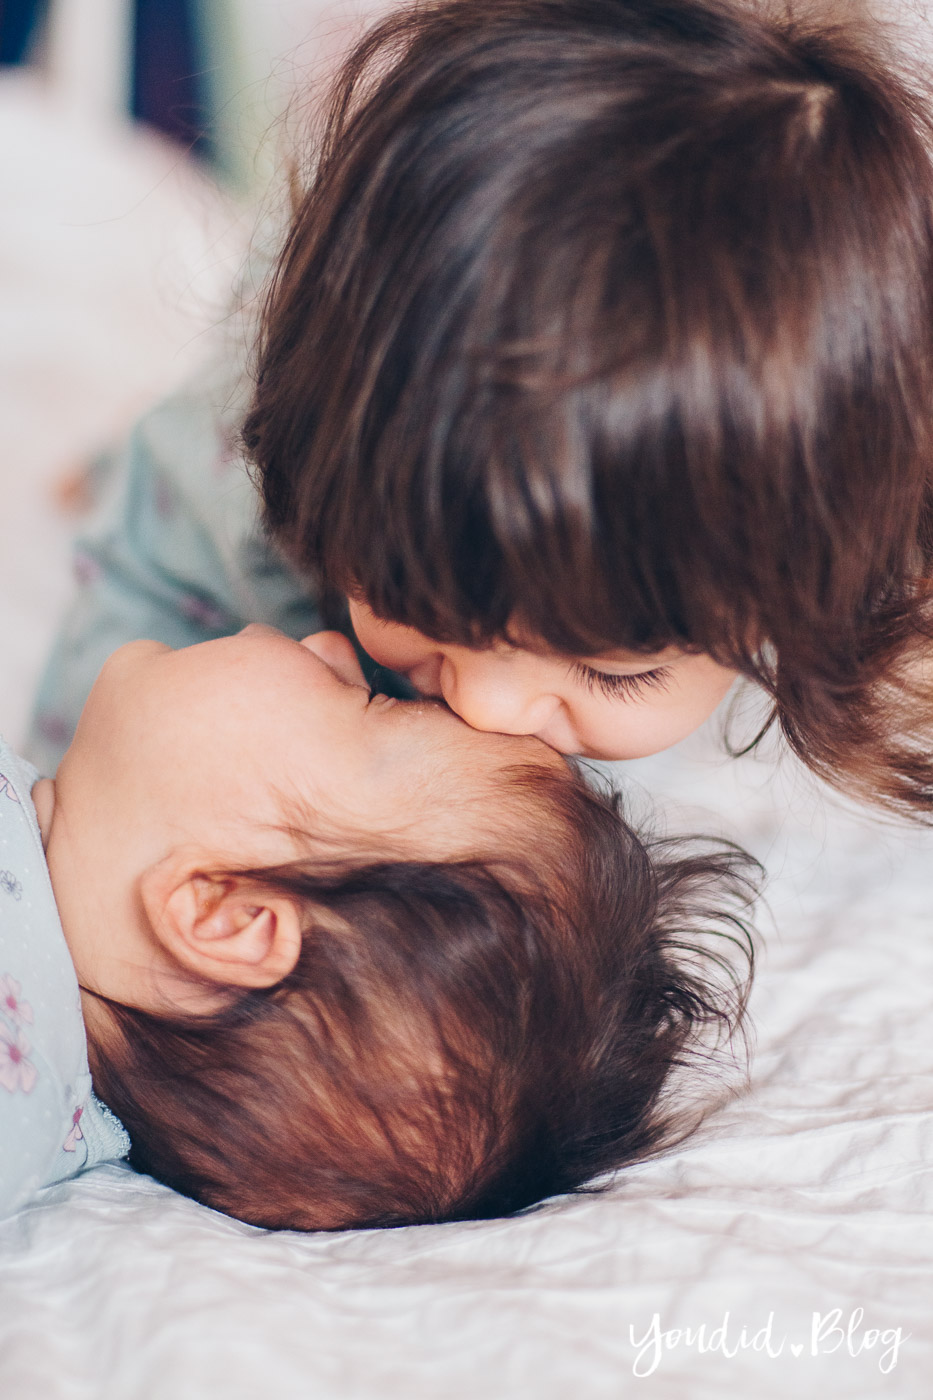 Zwei unter zwei 5 Monate als Zweifachmama Geschwisterliebe Schwestern der richtige Altersabstand | https://youdid.blog